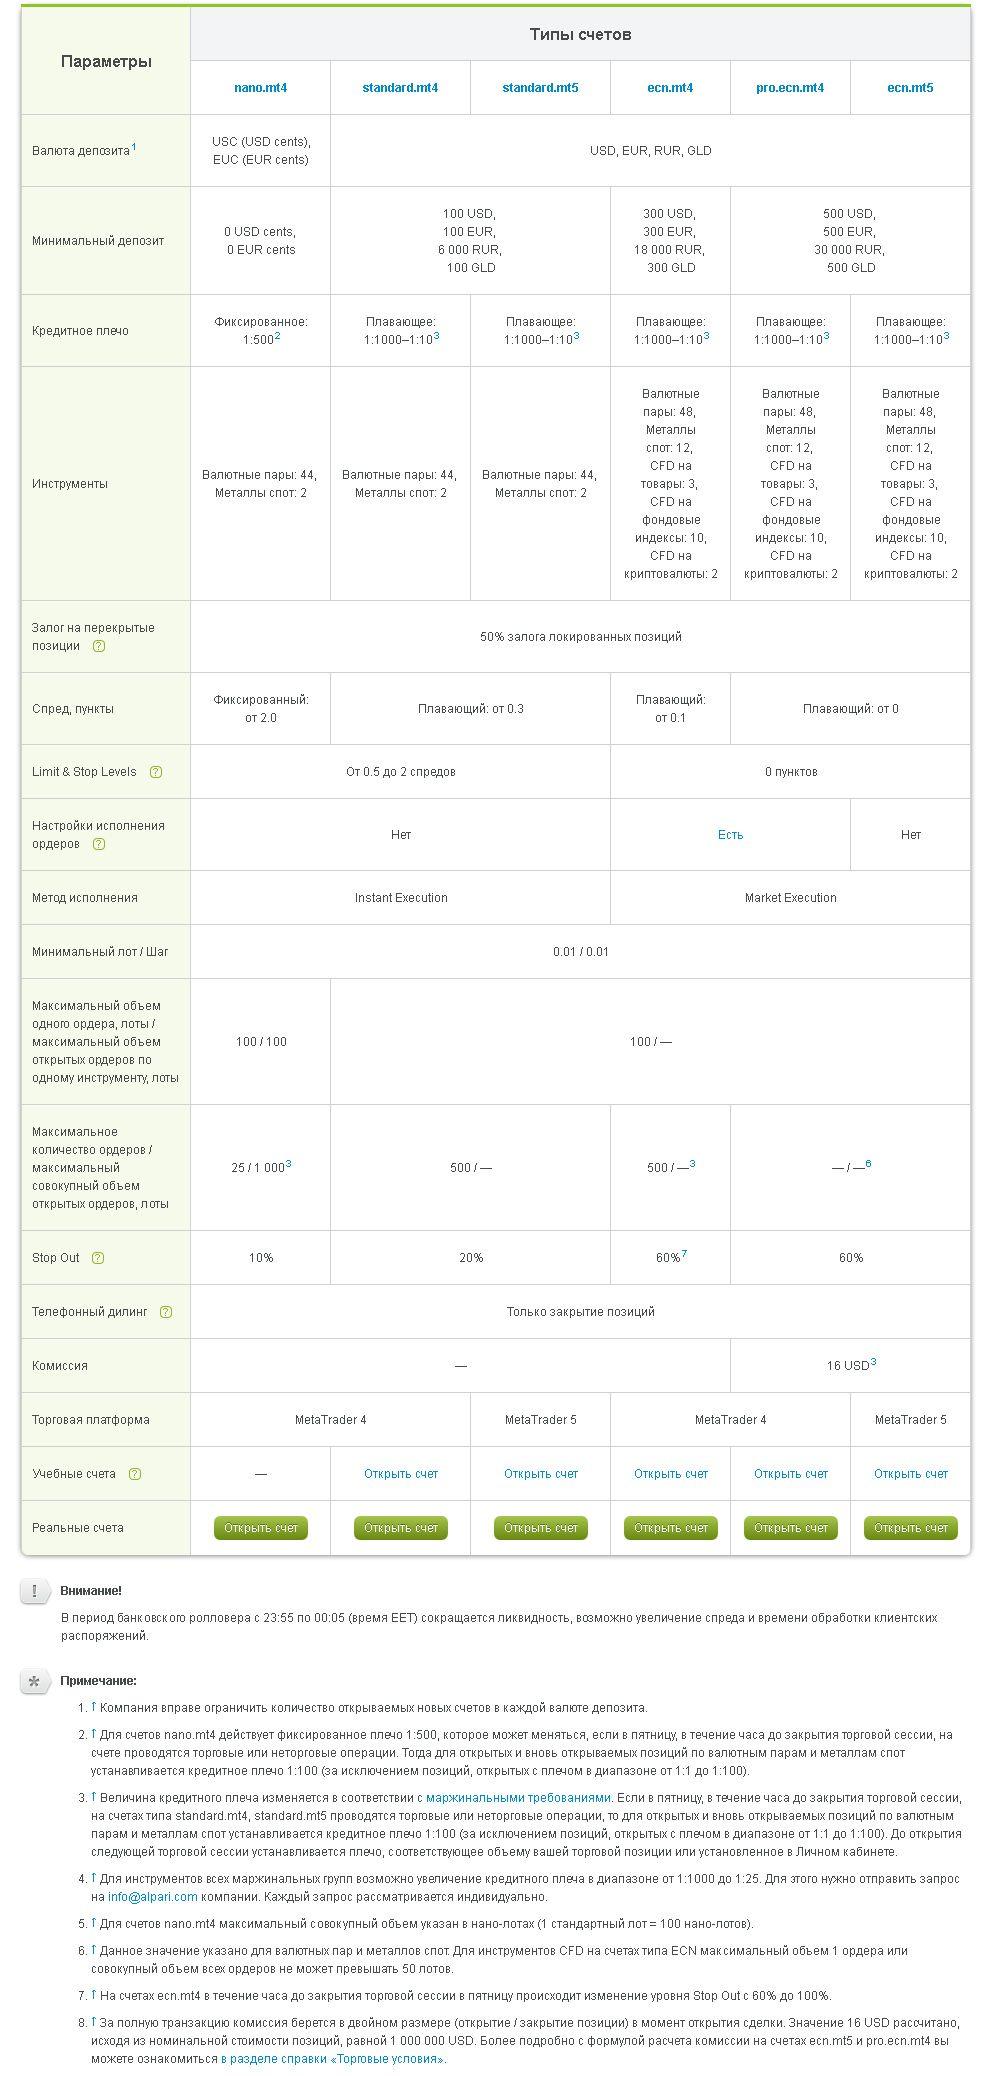 Типы счетов компании Alpari